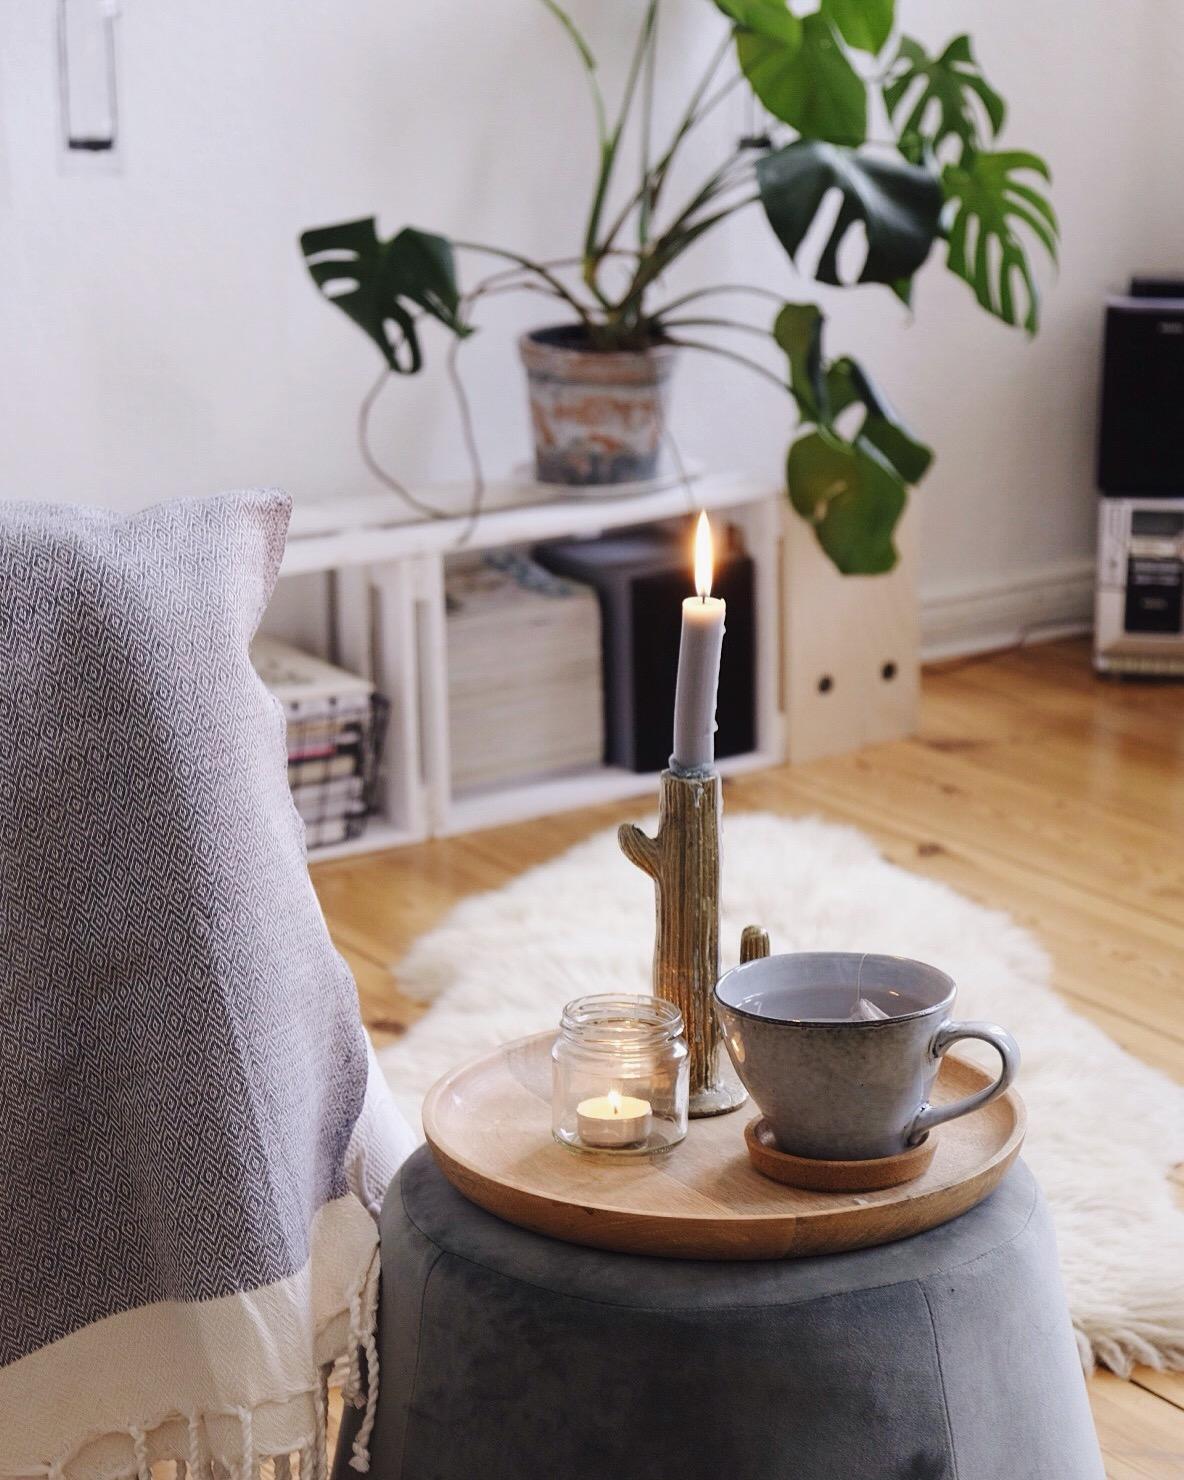 Herbststimmung 🍁🍂 #Deko #Wohnzimmer #Pflanzen #Herb .